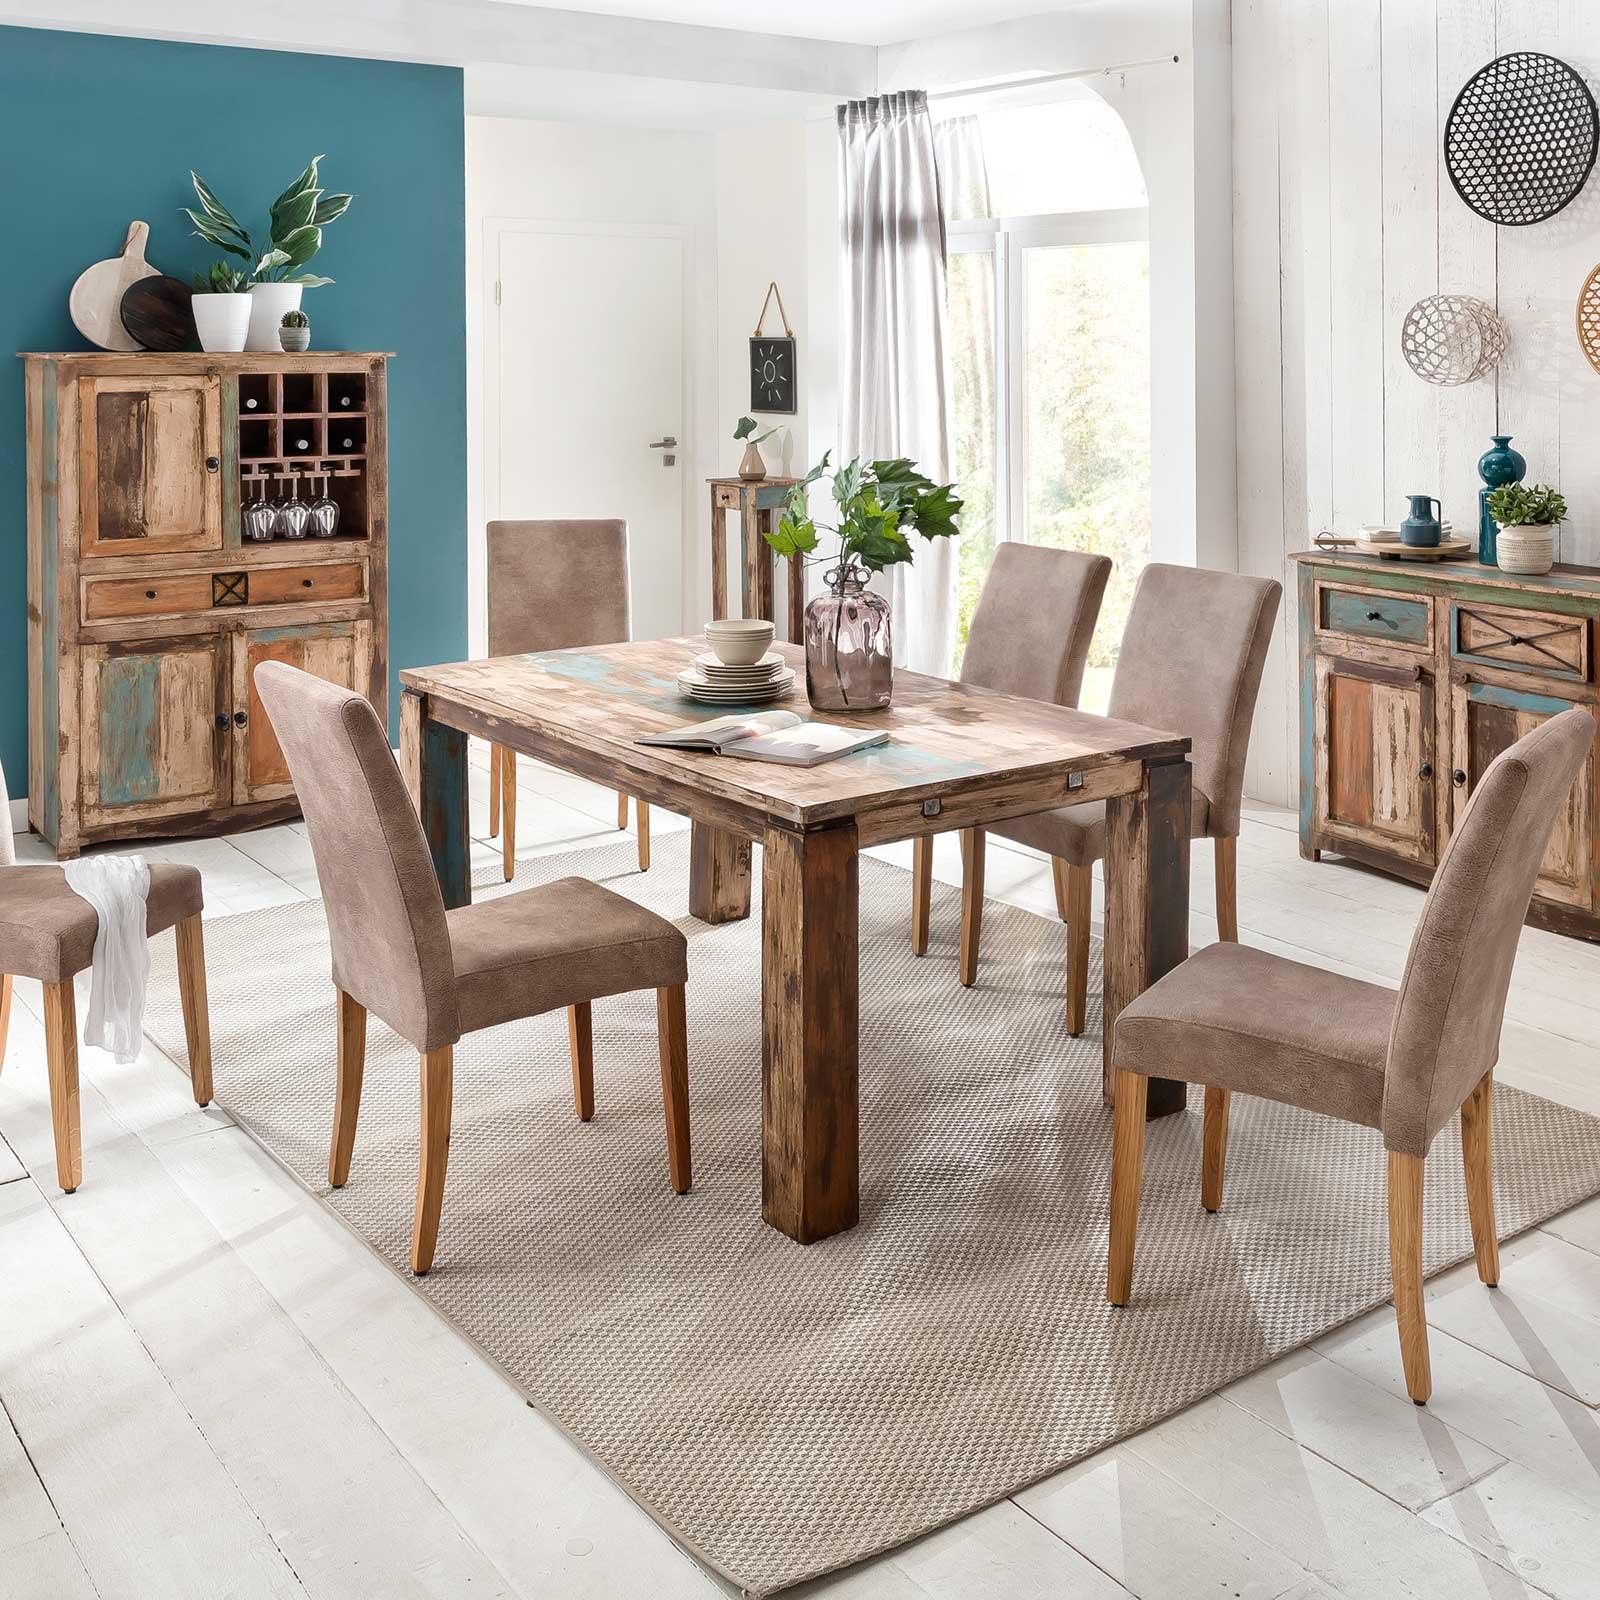 Esstisch largo 200 300 cm aus massivholz im vintage look for Esstisch 300 cm